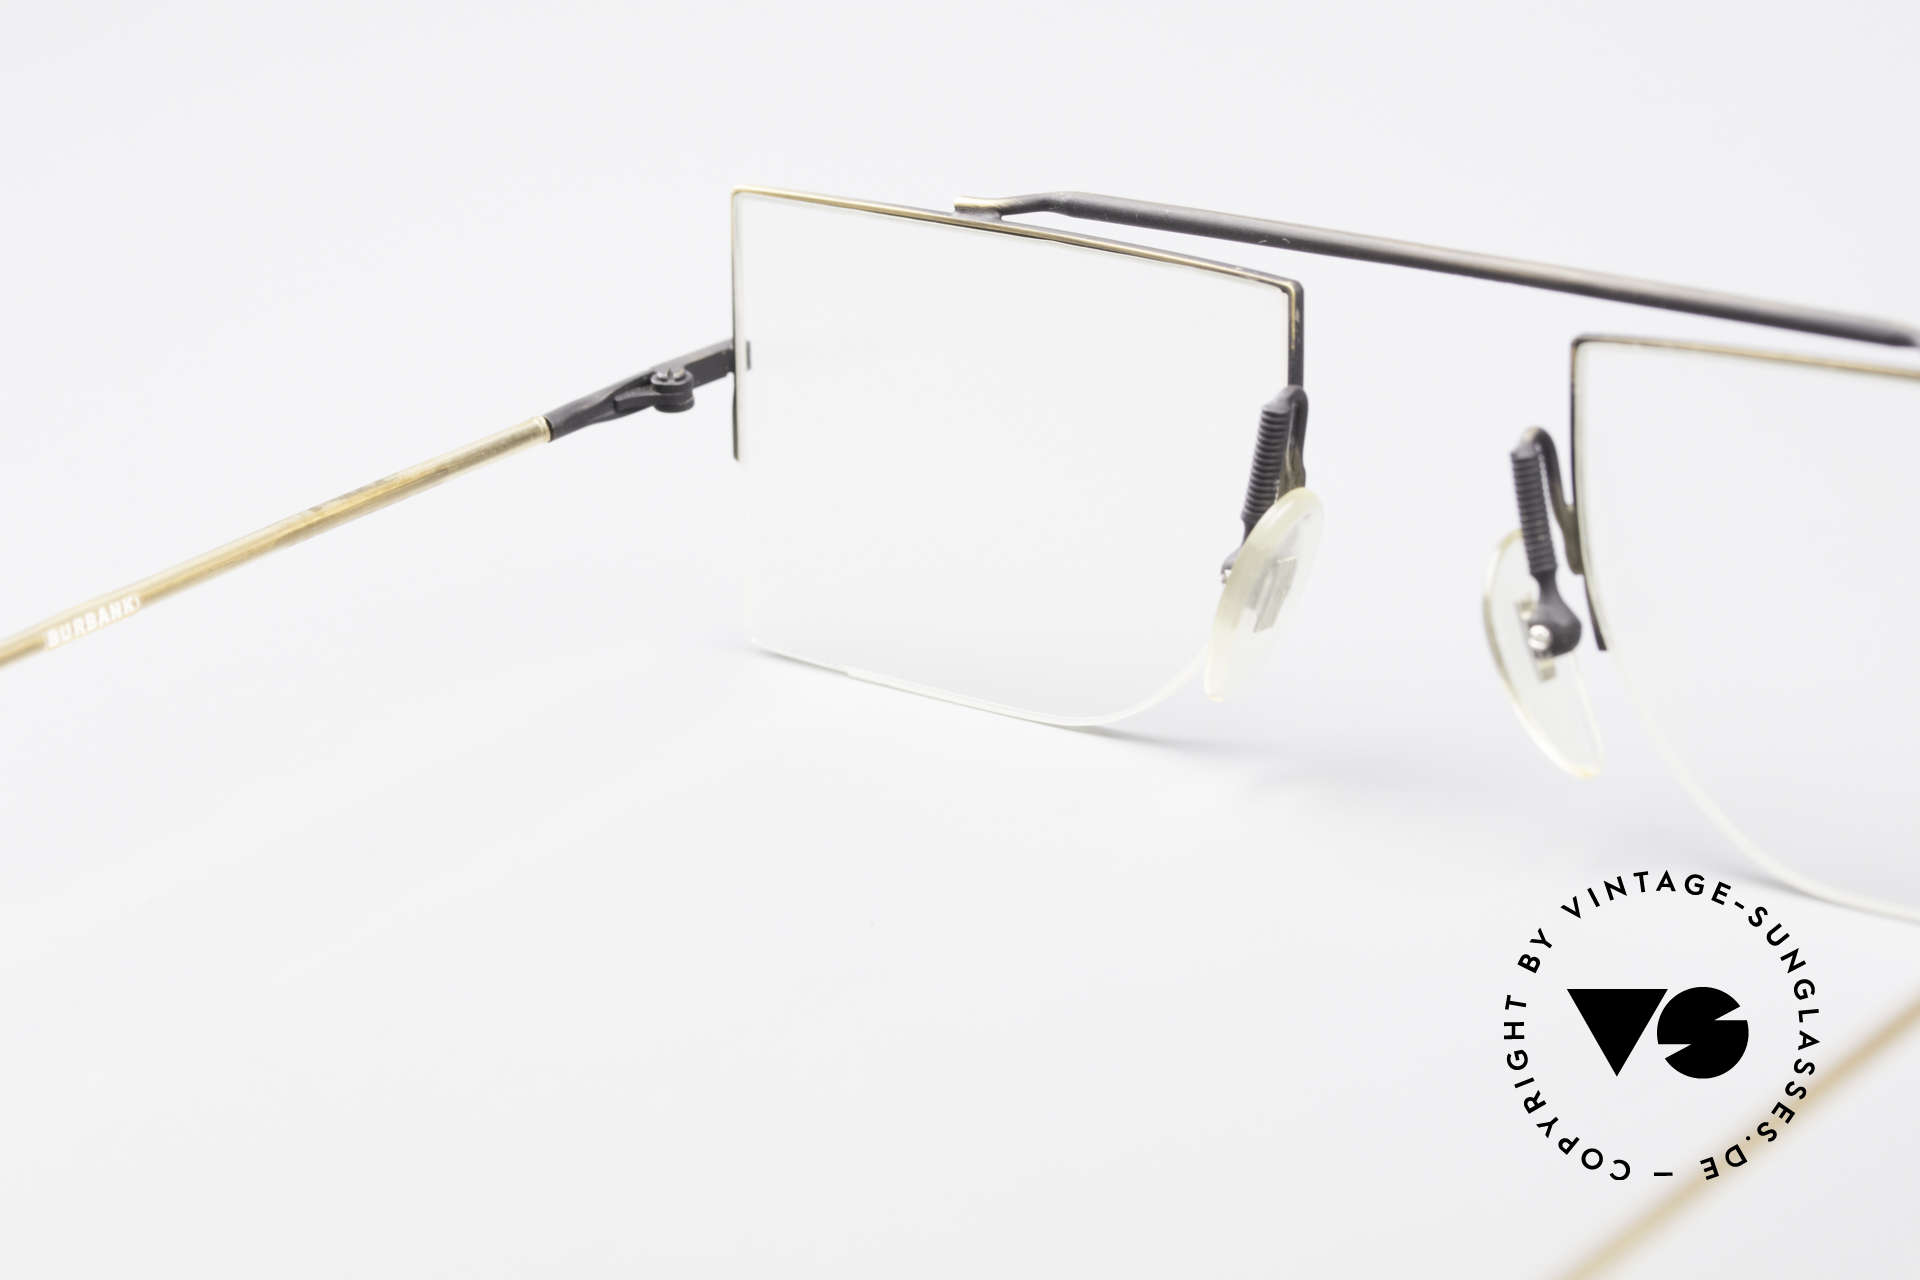 L.A. Eyeworks BURBANK 442 Echte Vintage Brille 90er, KEINE Retromode; ein altes ORIGINAL aus den 90ern, Passend für Herren und Damen